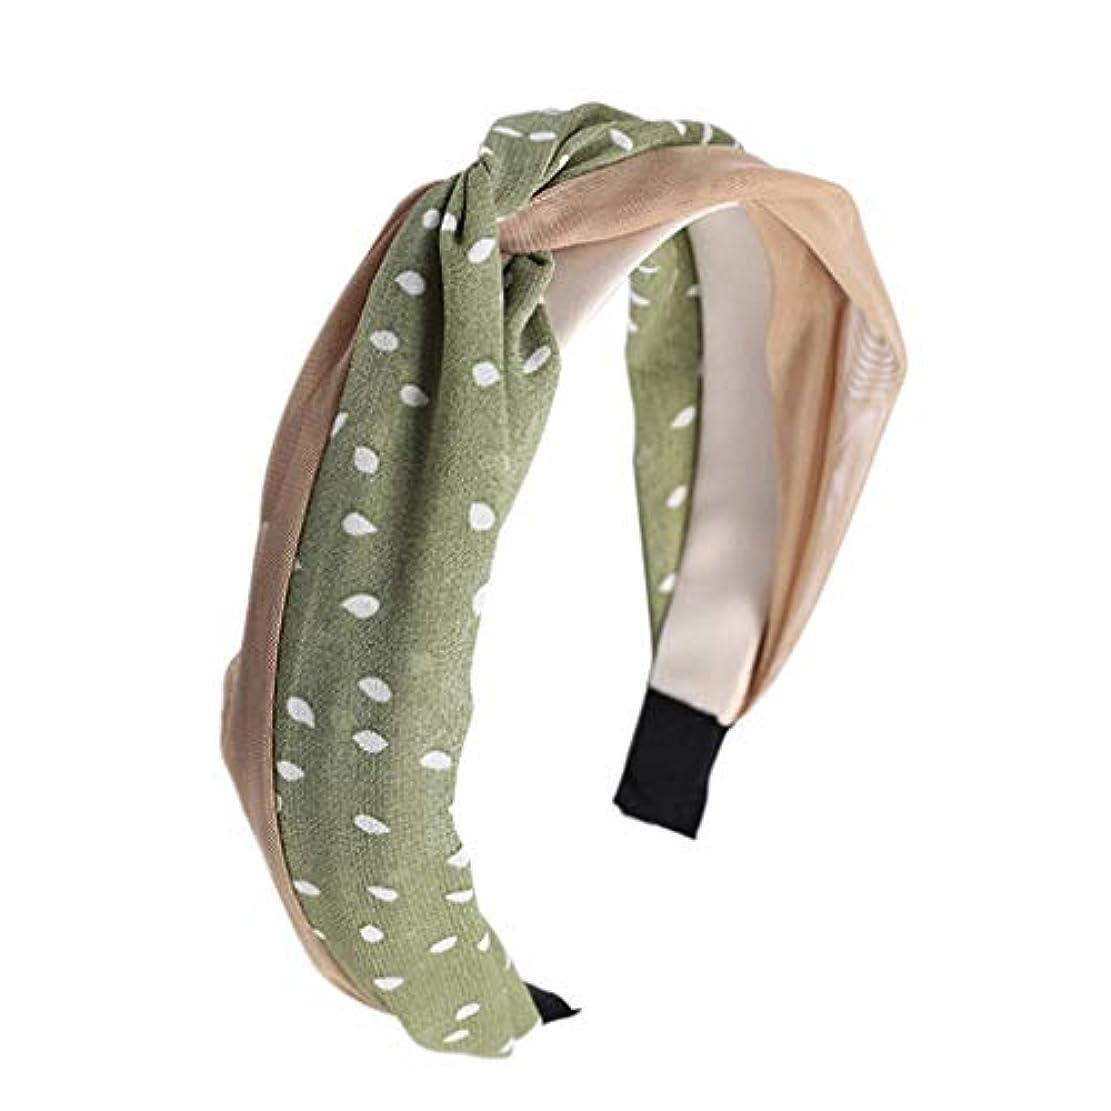 決してハドルやりすぎManyao 韓国風の新鮮な女性のメッシュポルカドットヘッドバンドヴィンテージツイスト結び目ワイヤーヘアフープ (緑)